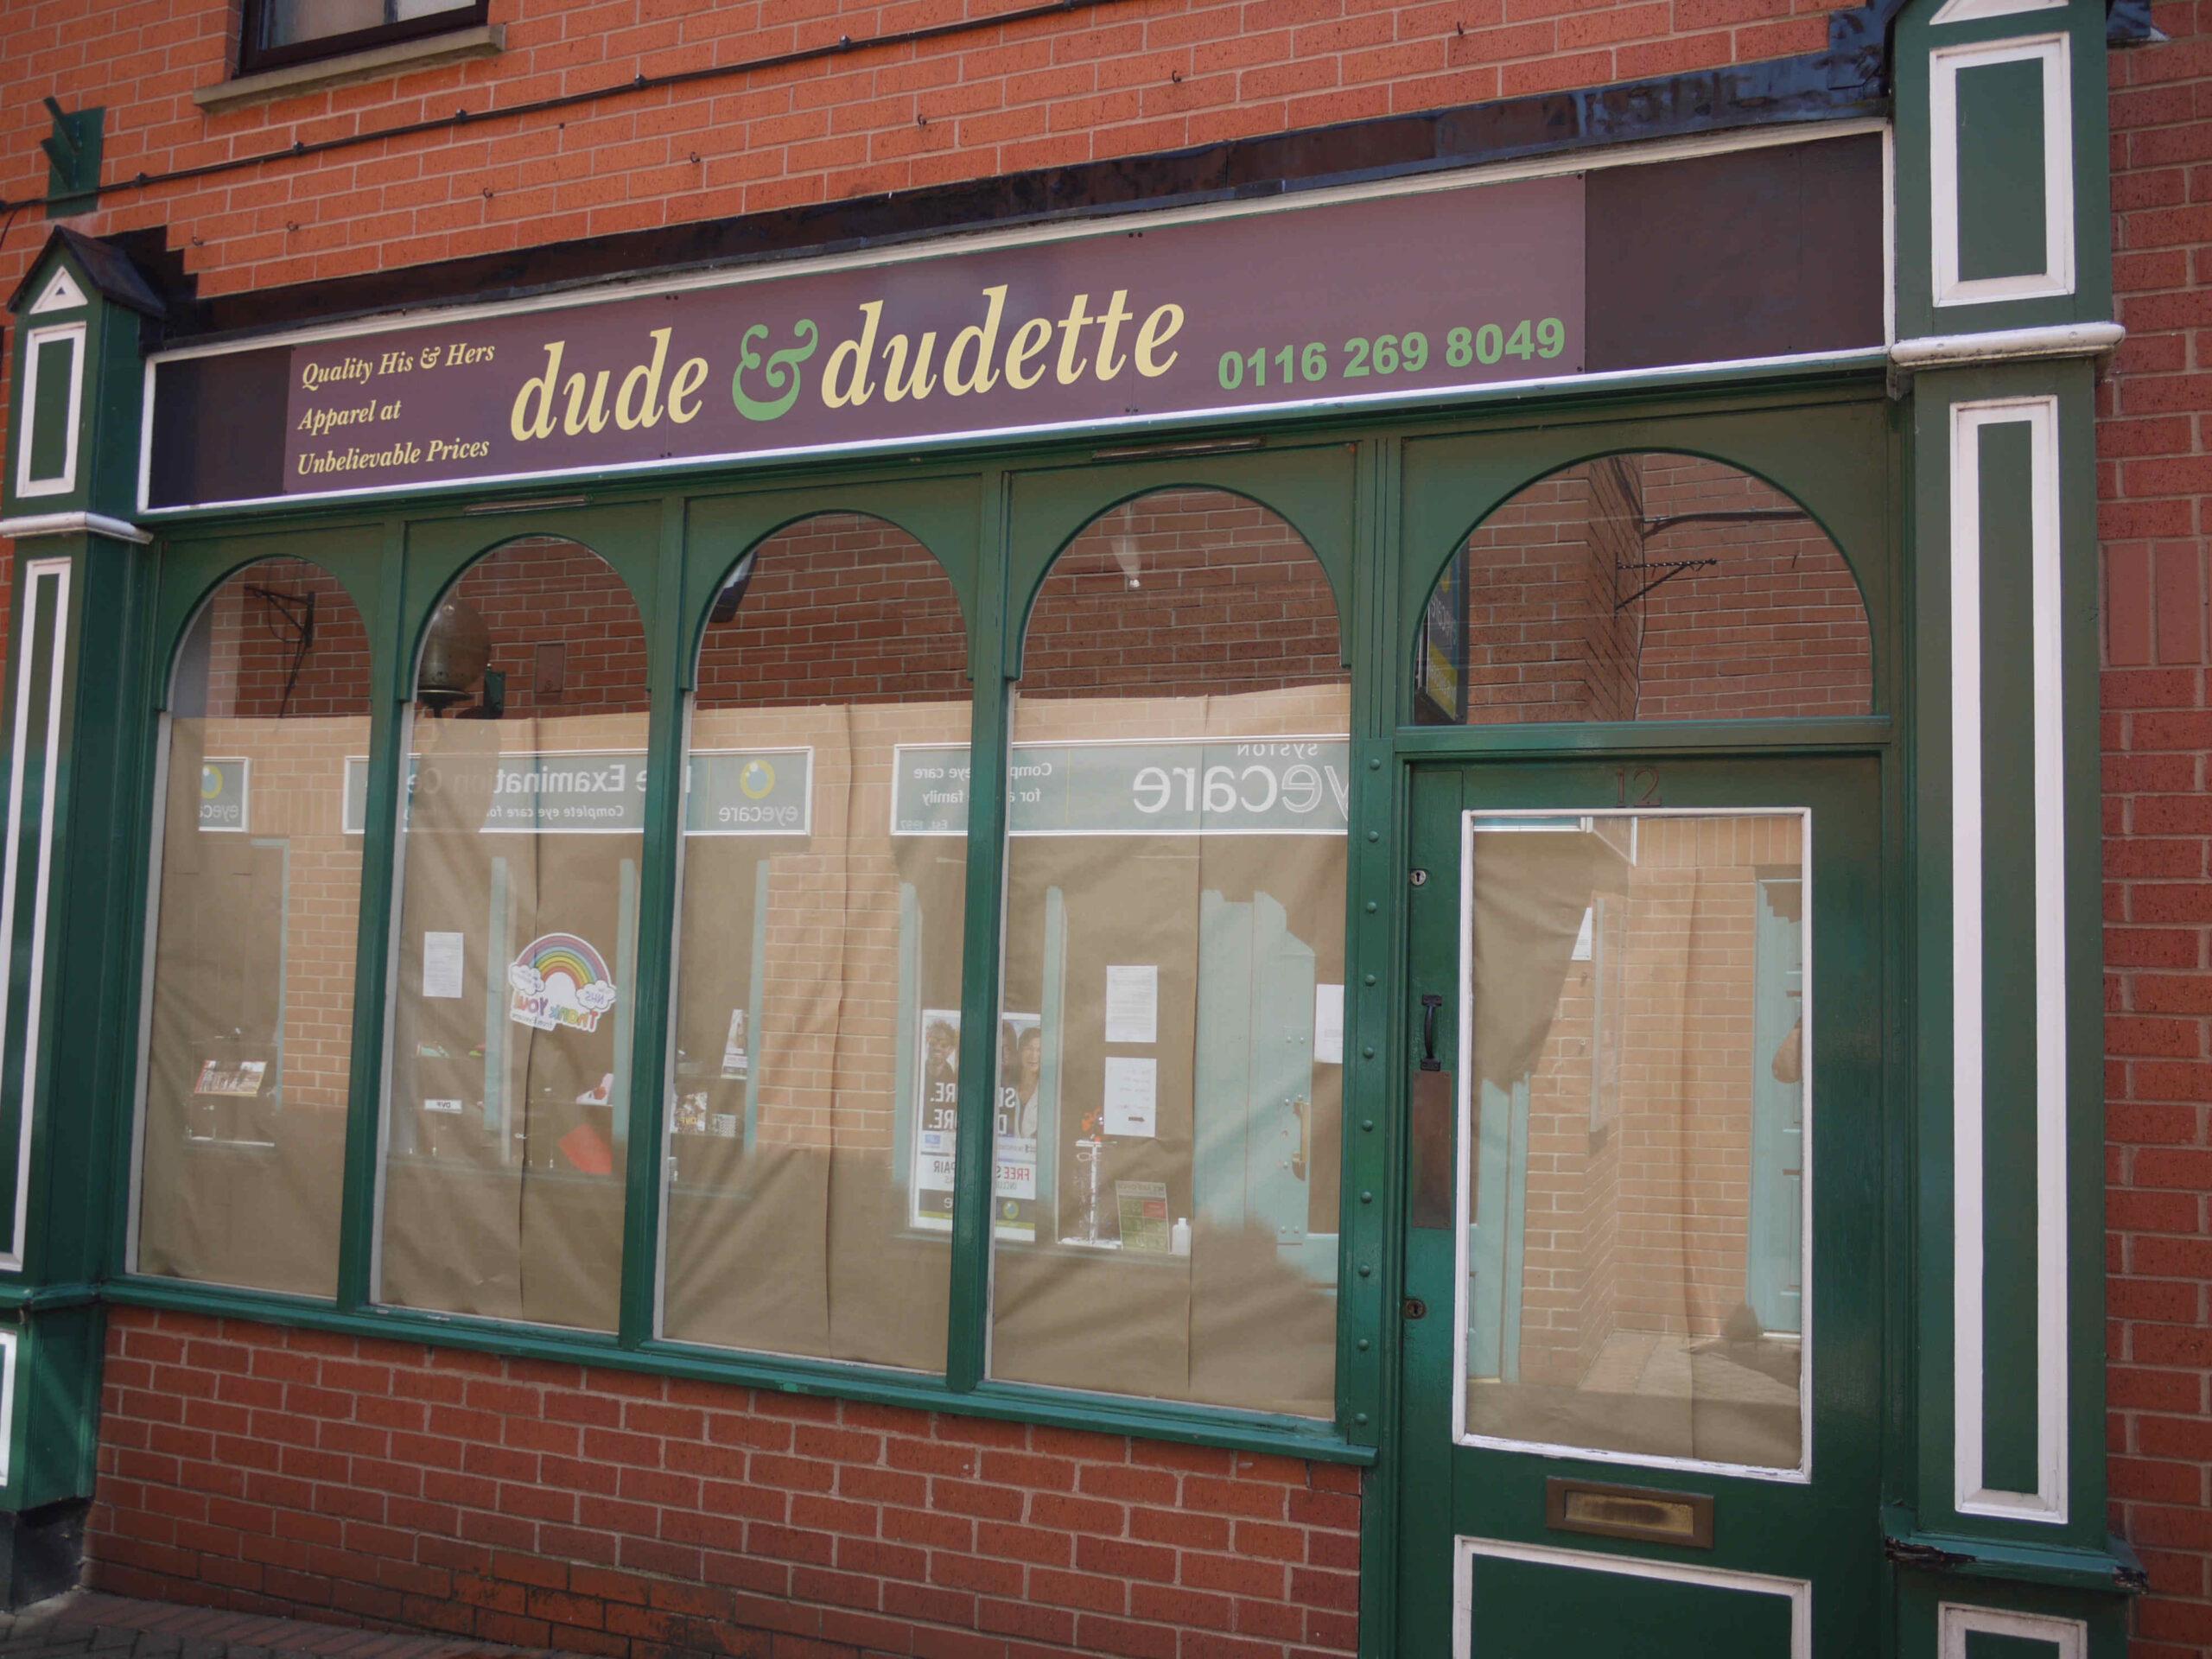 Dude & Dudette